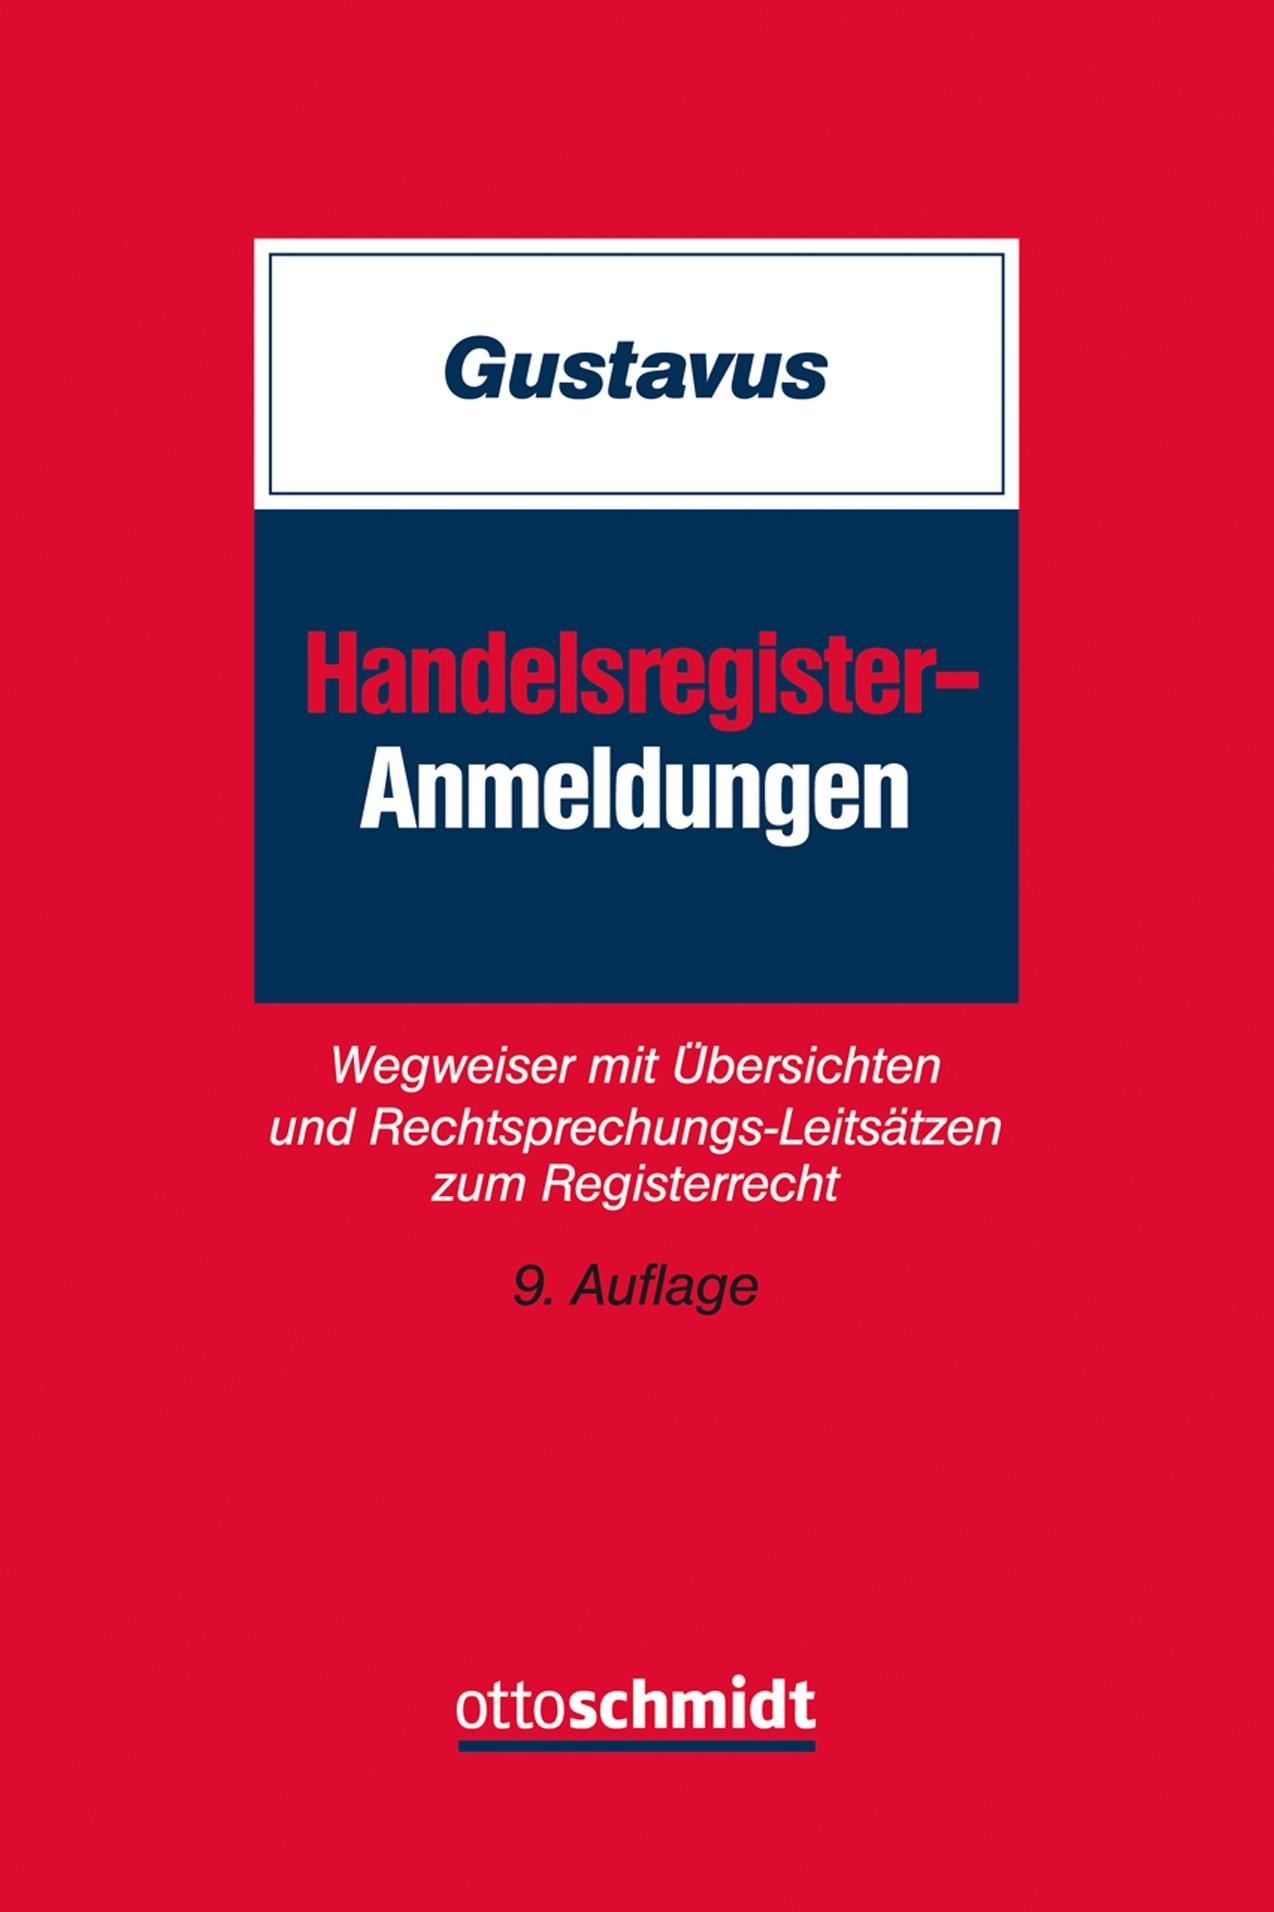 Handelsregister-Anmeldungen | Gustavus (Cover)